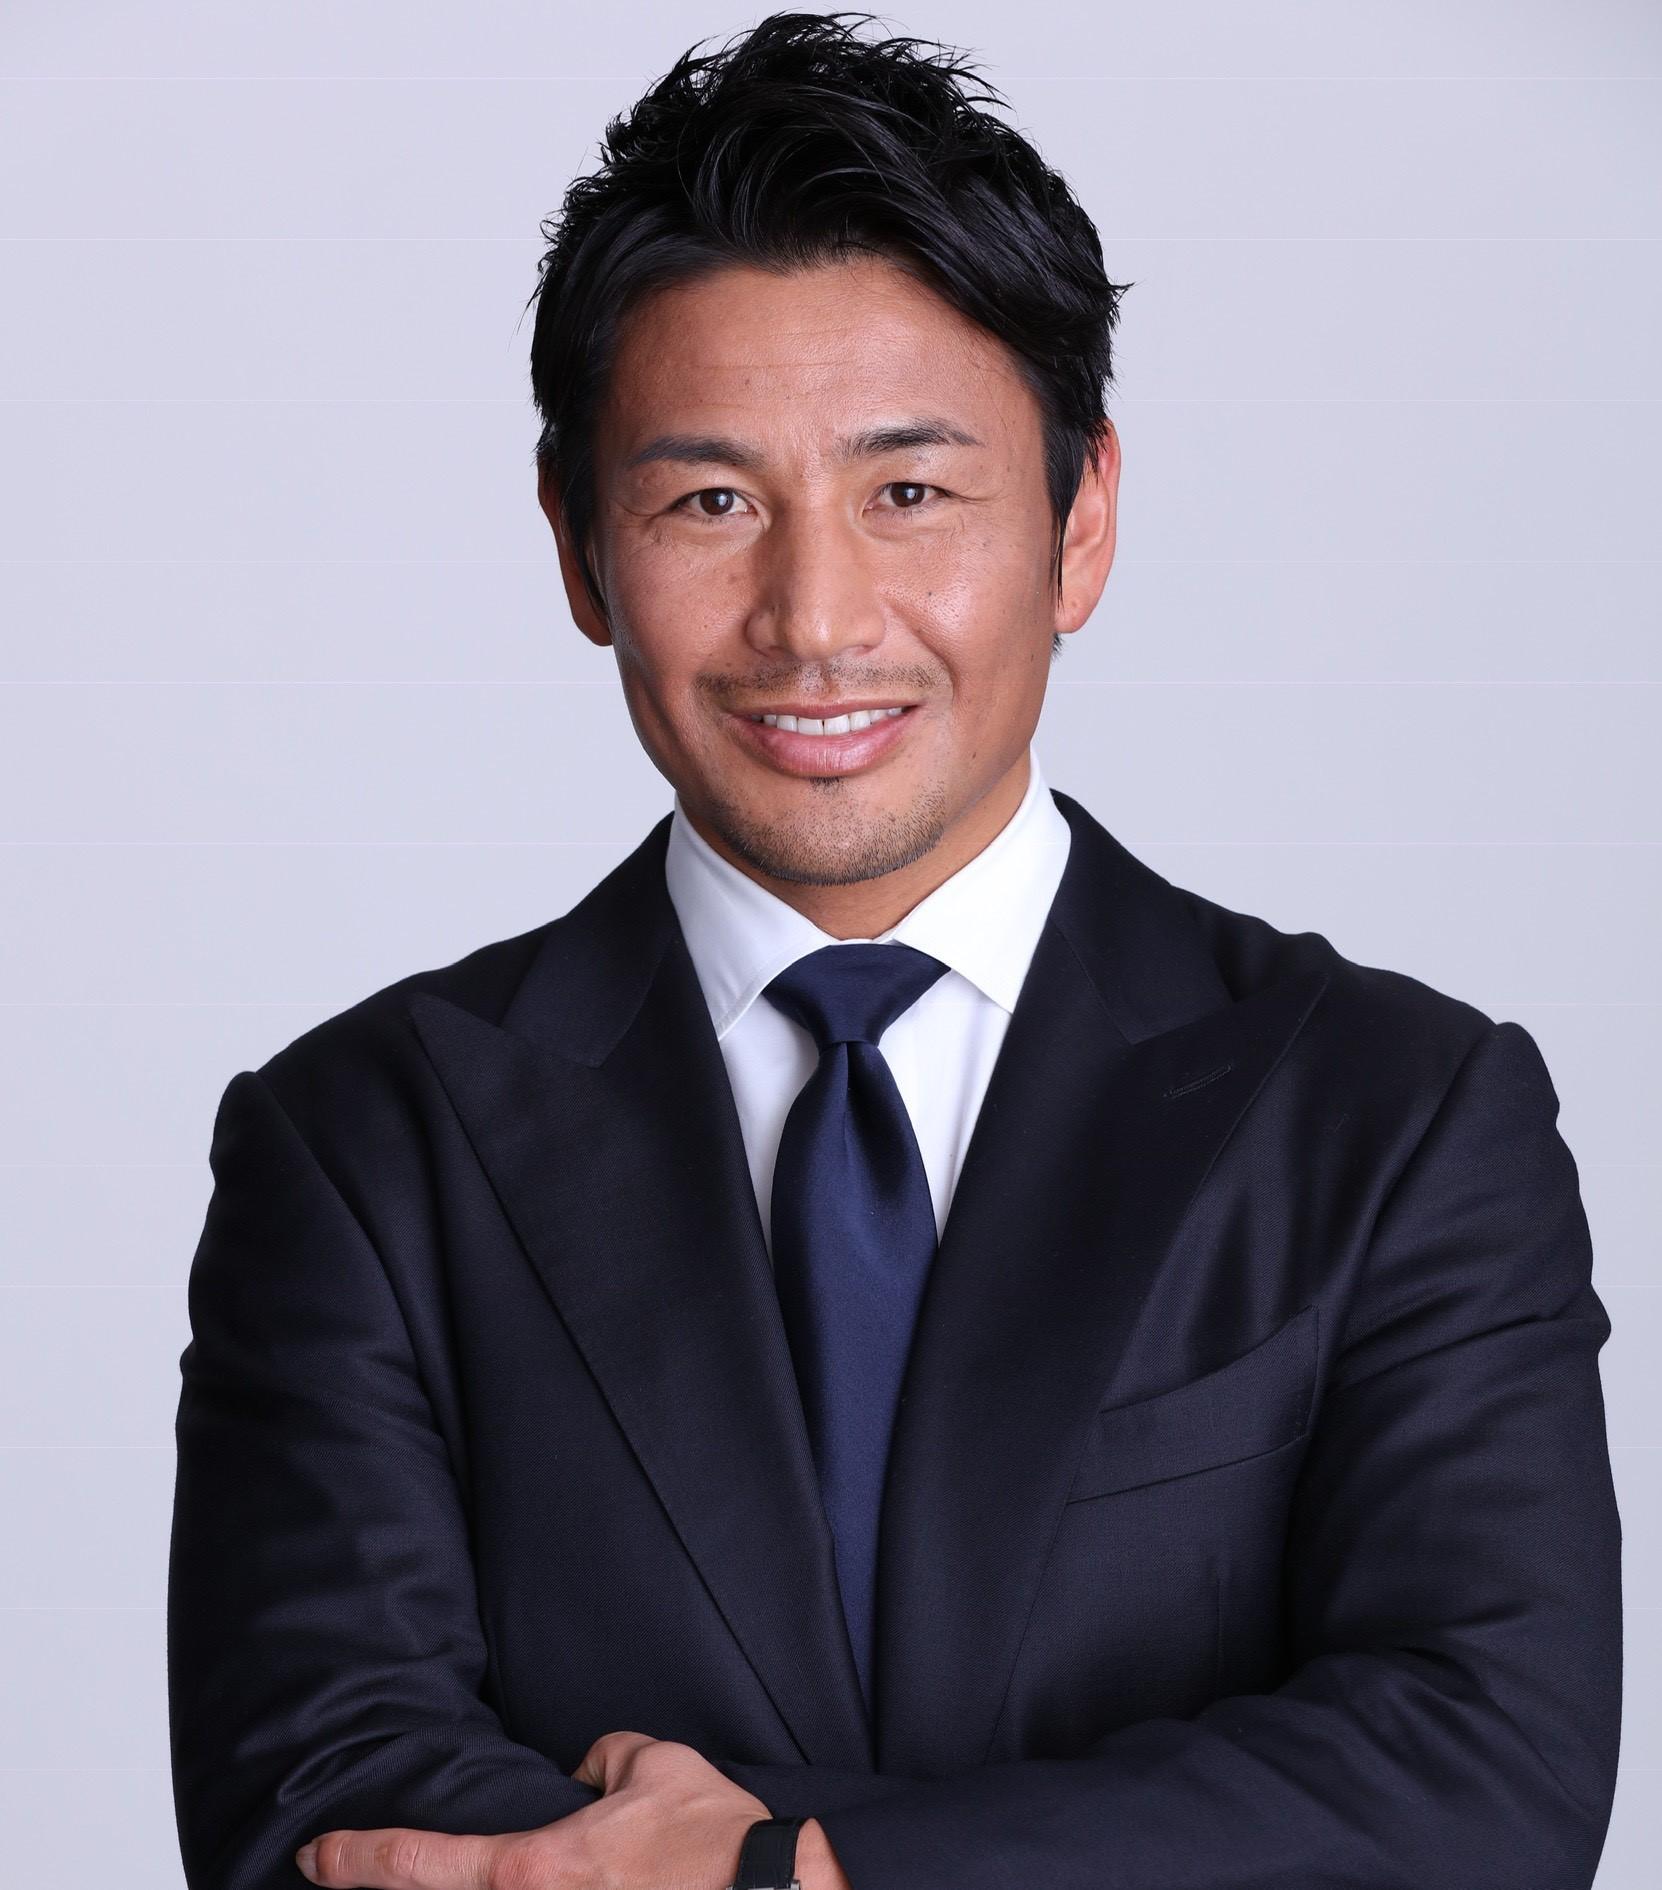 魔裟斗、南沢奈央、J-WAVEの特番に登場!トレイルラン世界チャンピオン上田瑠偉選手に密着取材&ロングインタビューも